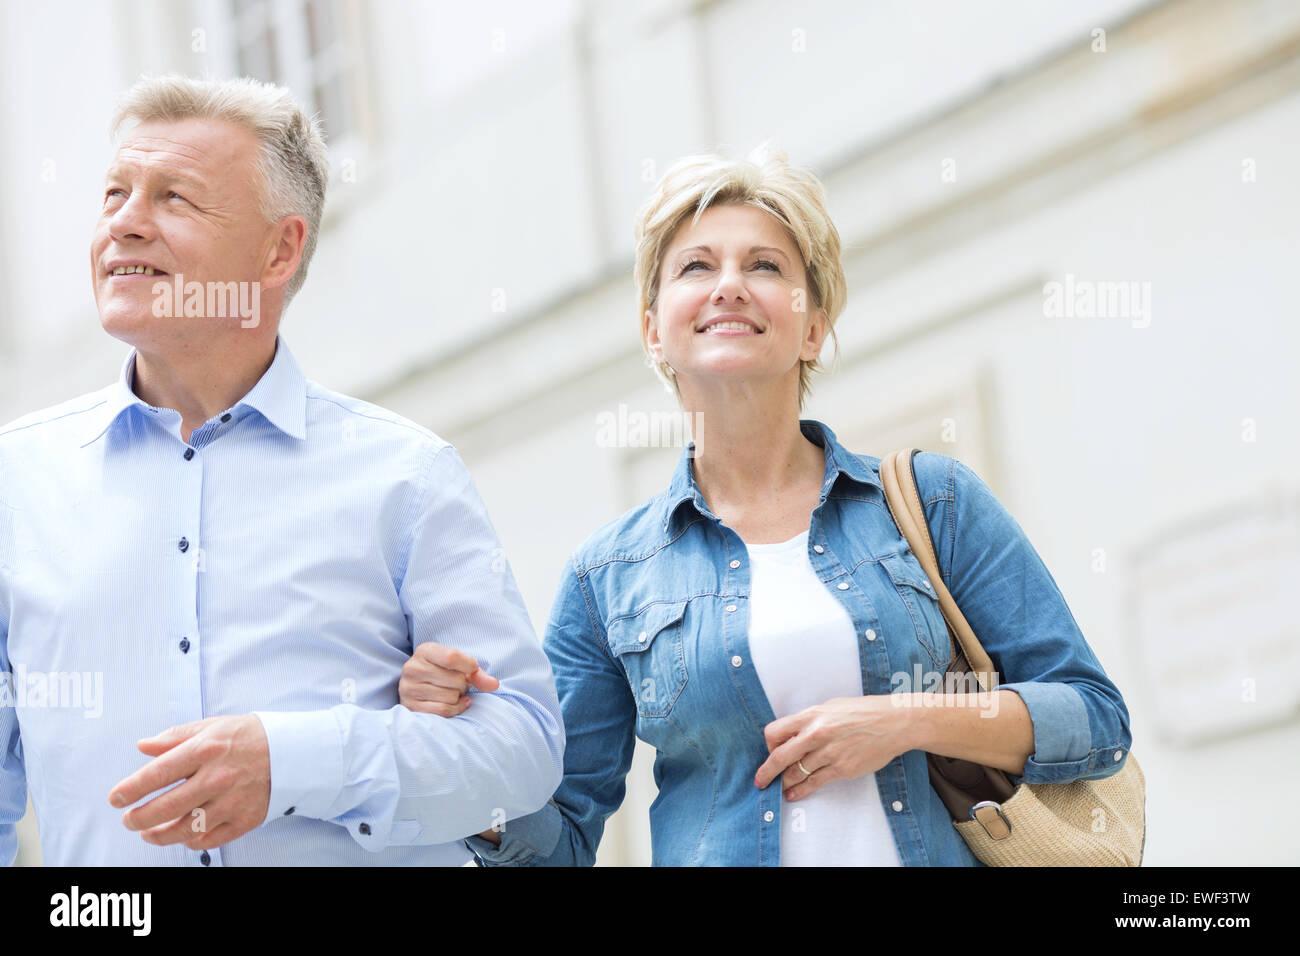 Sonriente pareja de mediana edad de pie con el brazo en el brazo exterior Imagen De Stock